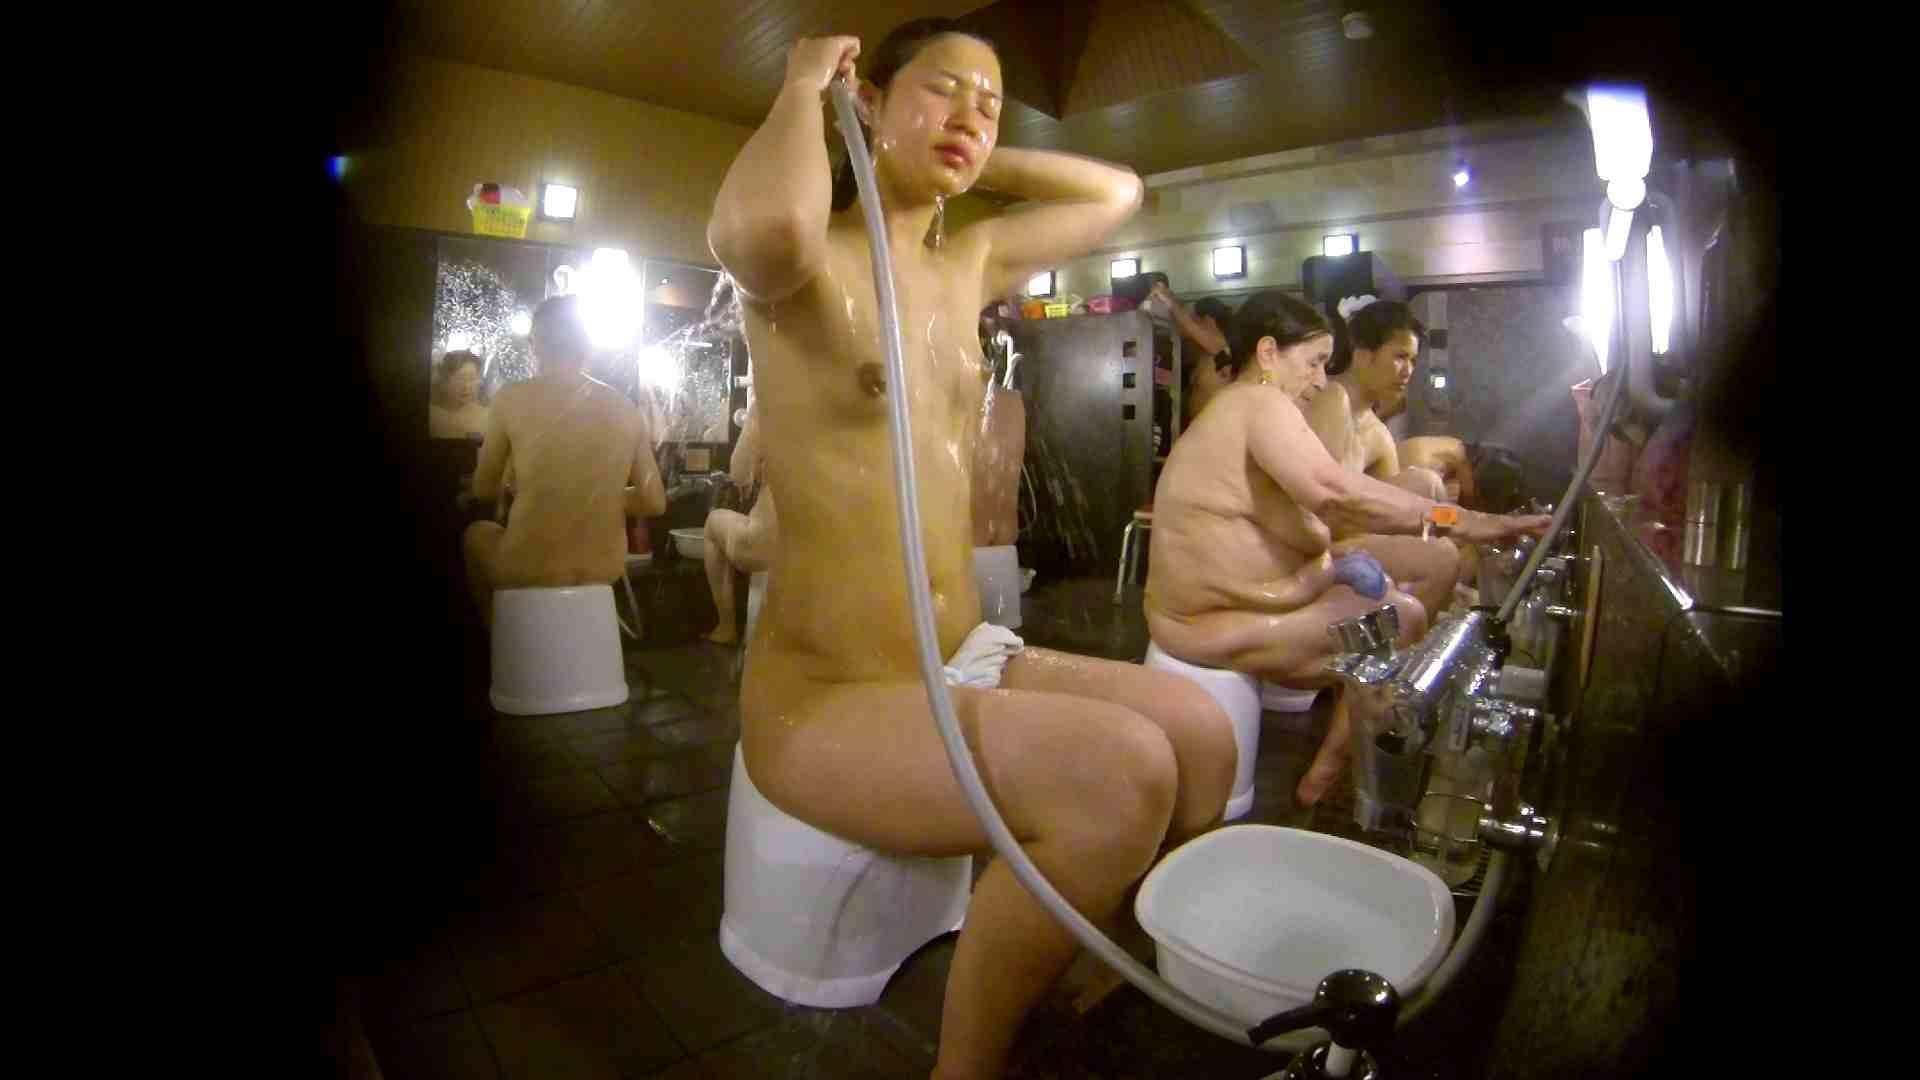 追い撮り!脱衣~洗い場、徹底追跡!撮り師さんに拍手!! 追跡  67PIX 24